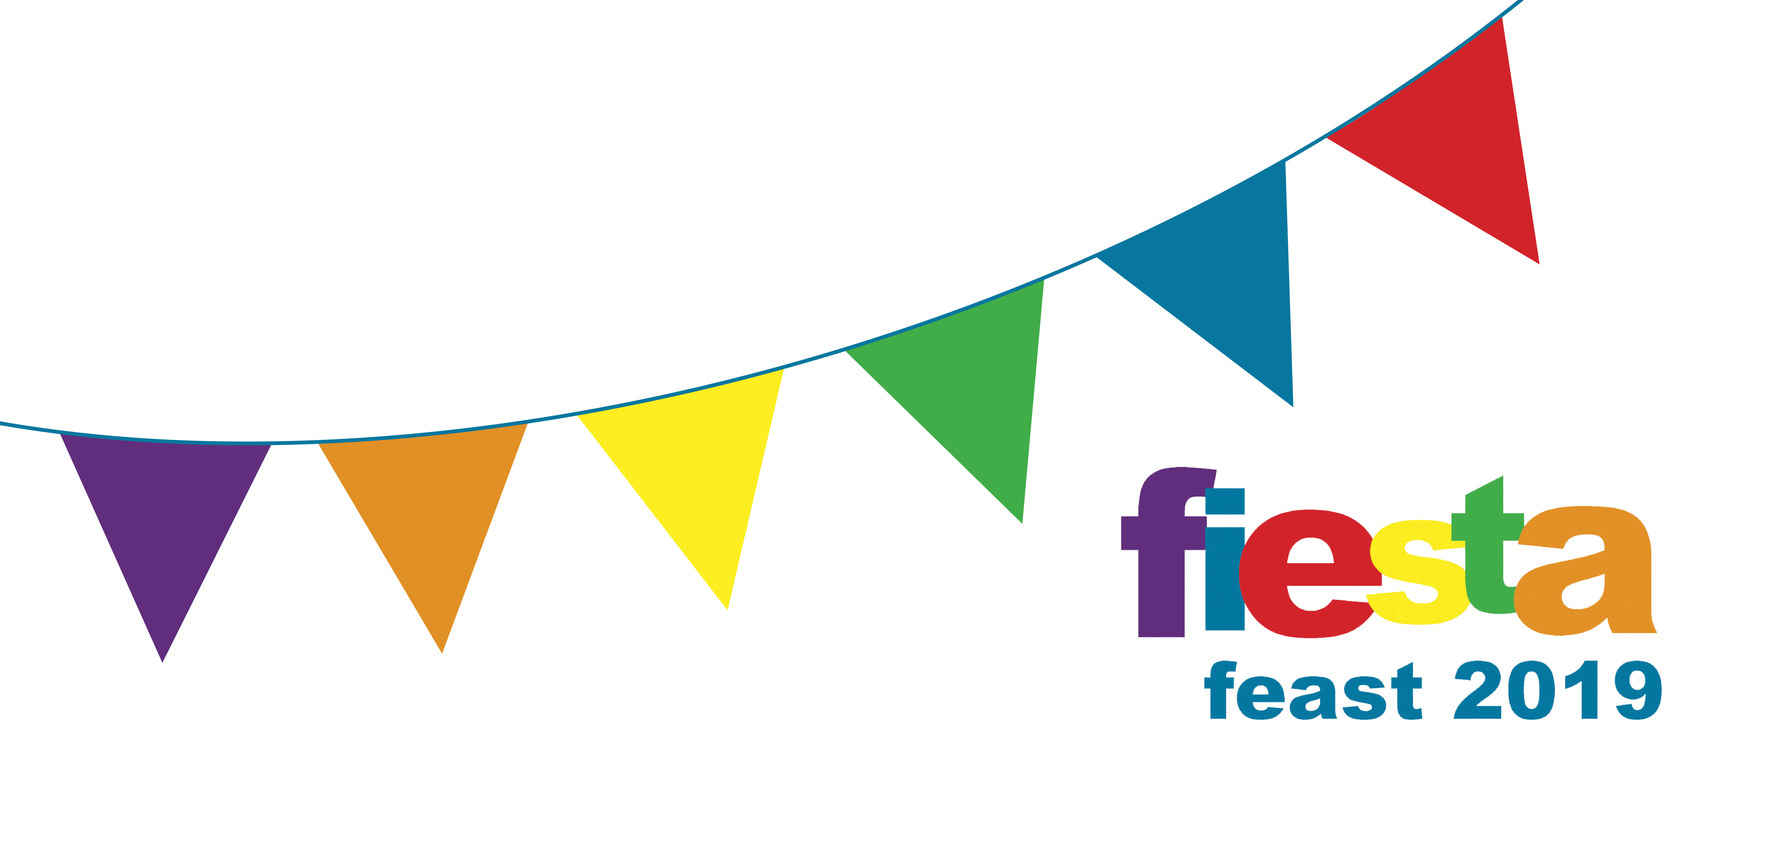 Fiesta Feast 2019 image